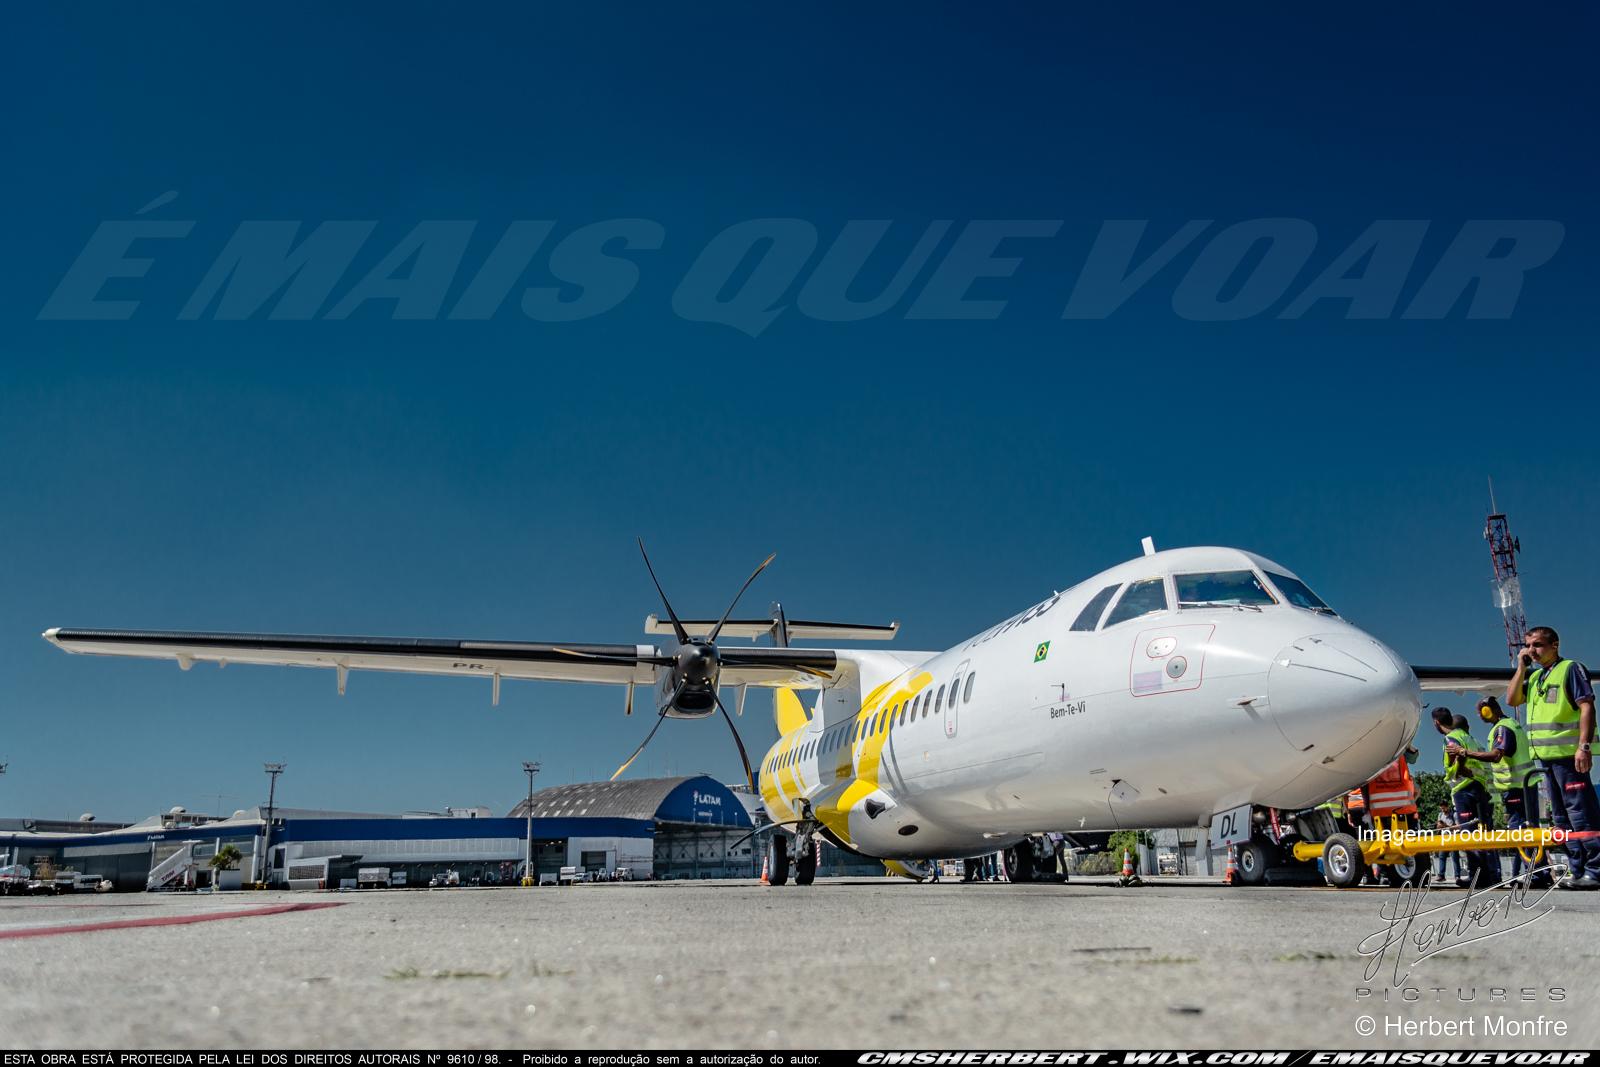 Três Lagoas-MS passará a ter voos para São Paulo (Congonhas) e Campo Grande-MS | Foto © Herbert Monfre | por É MAIS QUE VOAR